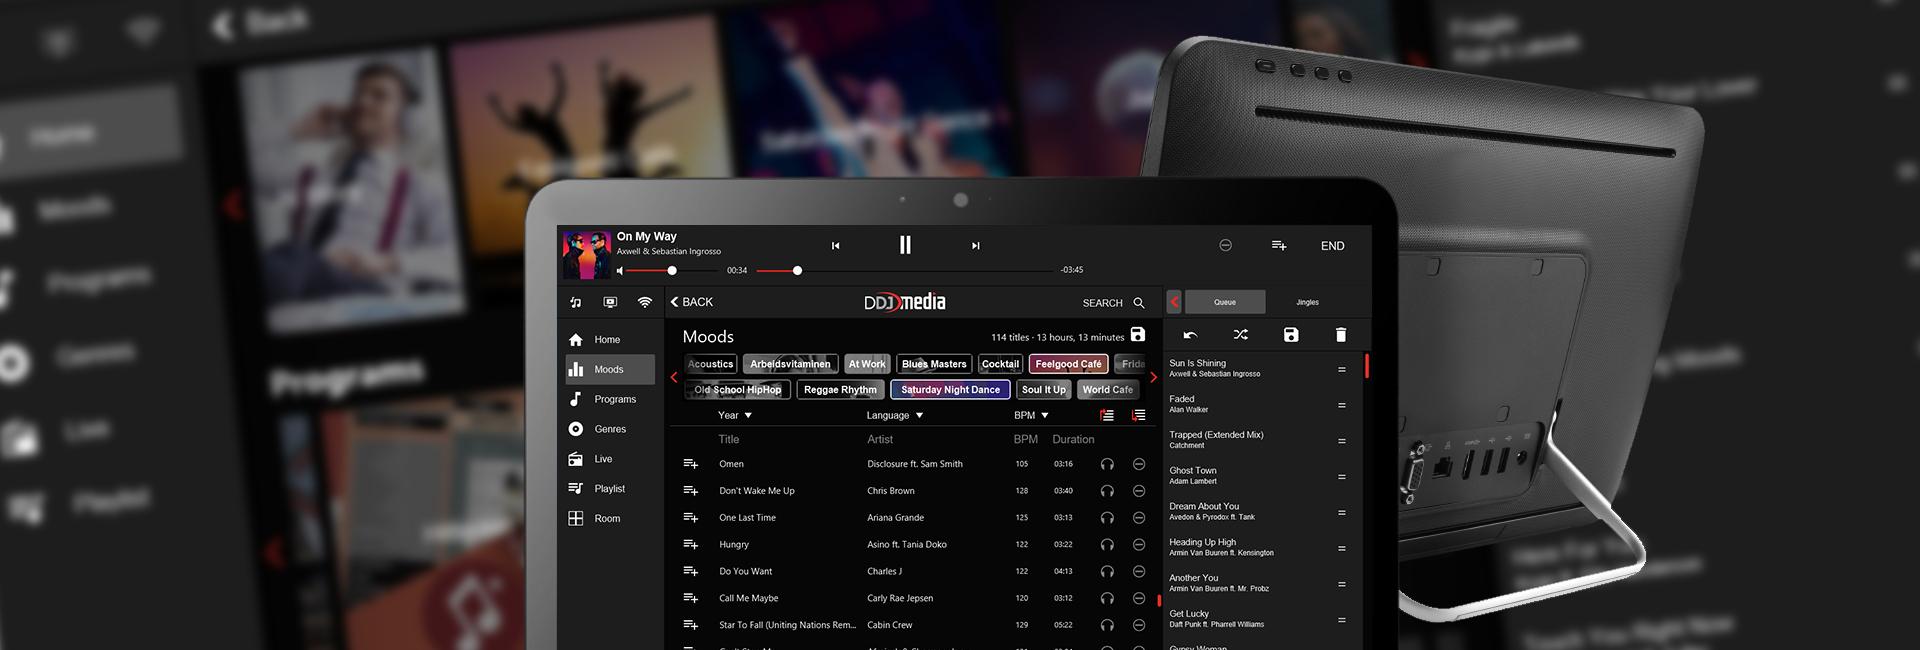 DDJ Media All-in-One muzieksysteem met gebruiksvriendelijke software